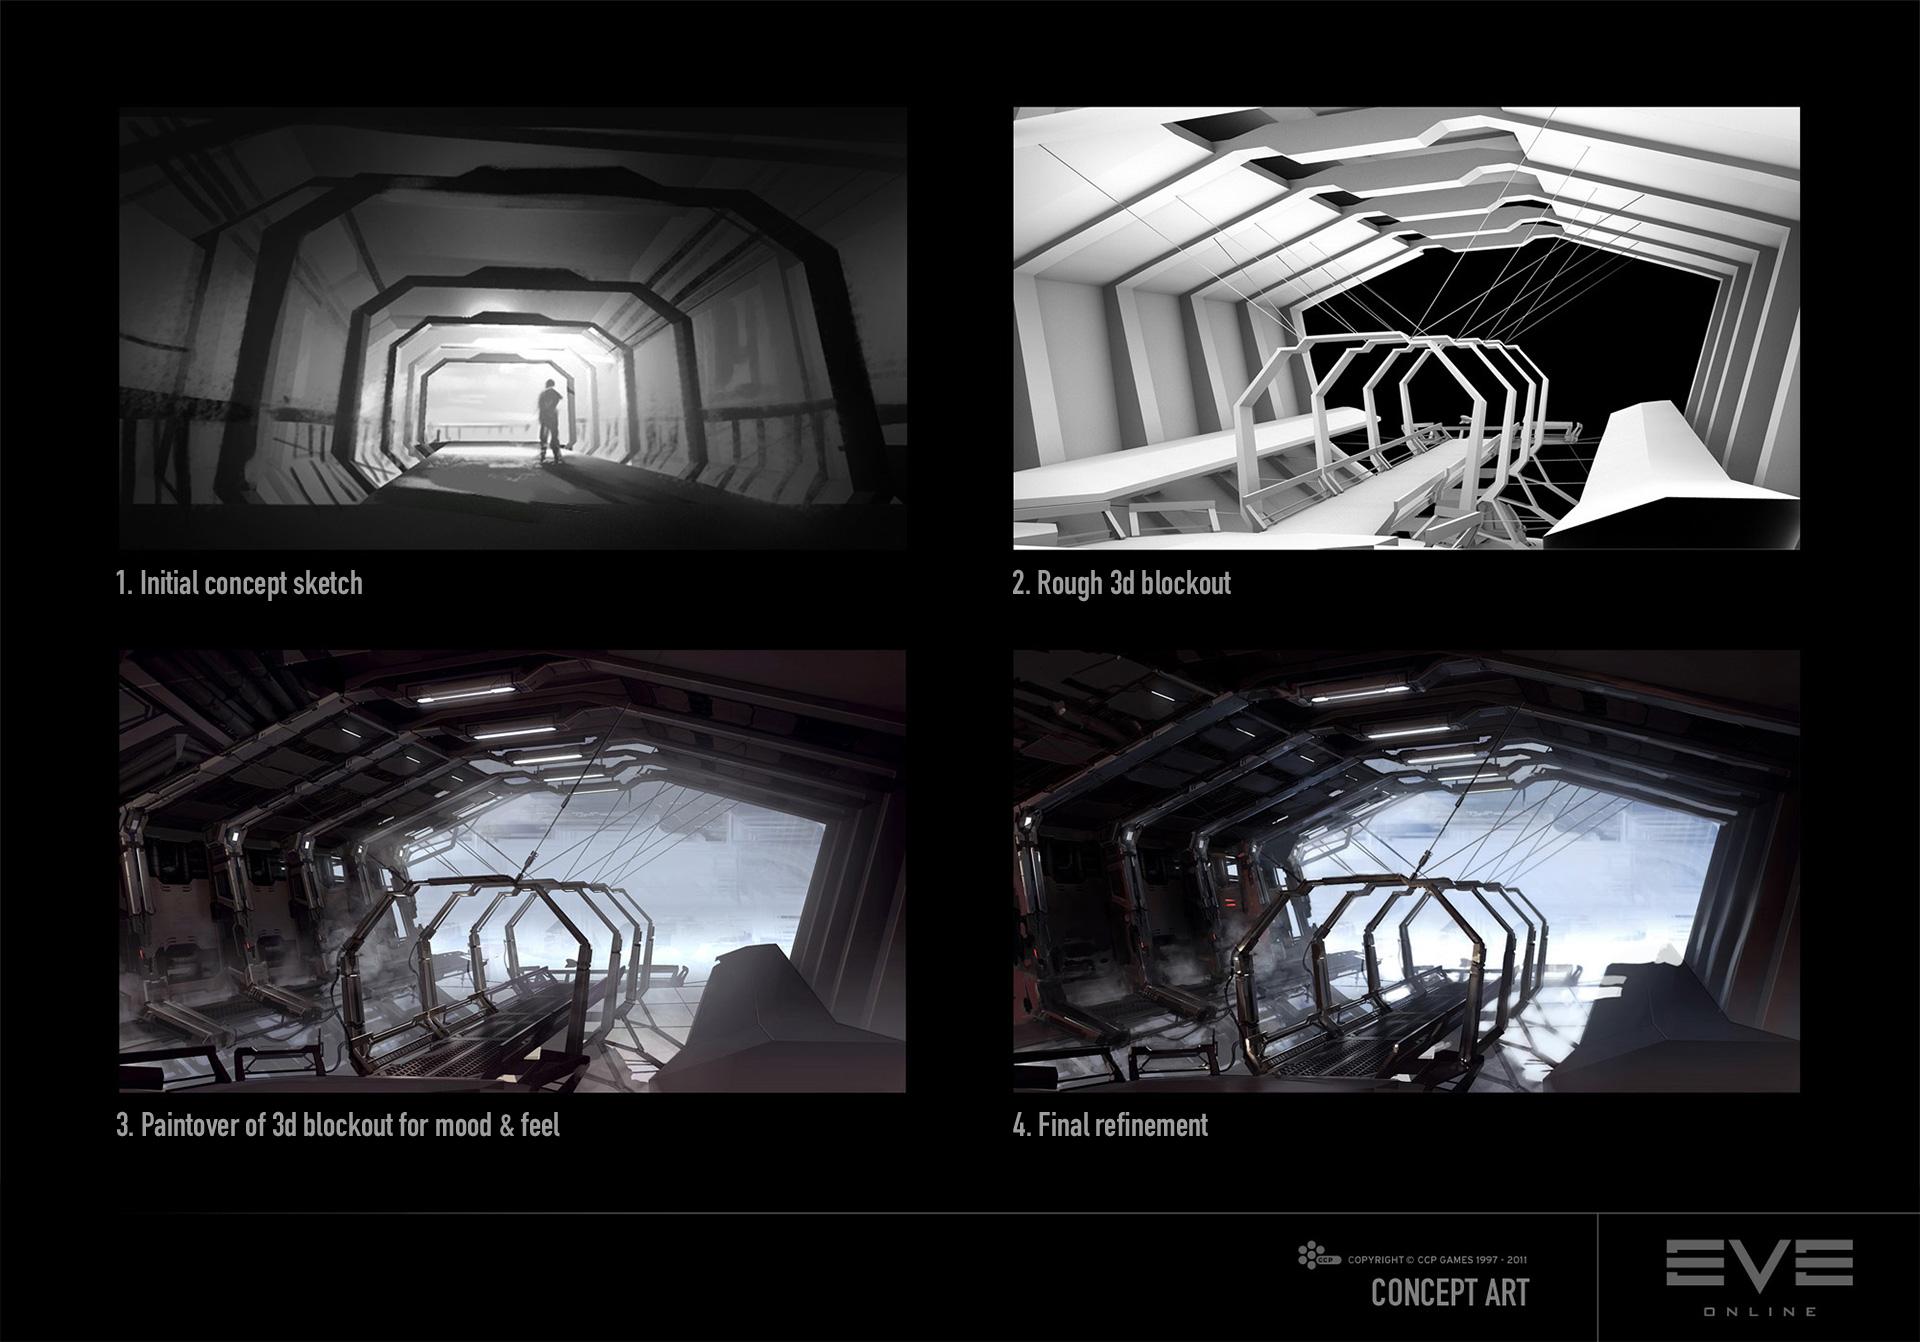 Eve Online: Die Kapitänskajüte kommt im Sommer 2011 - Captain's Quarters